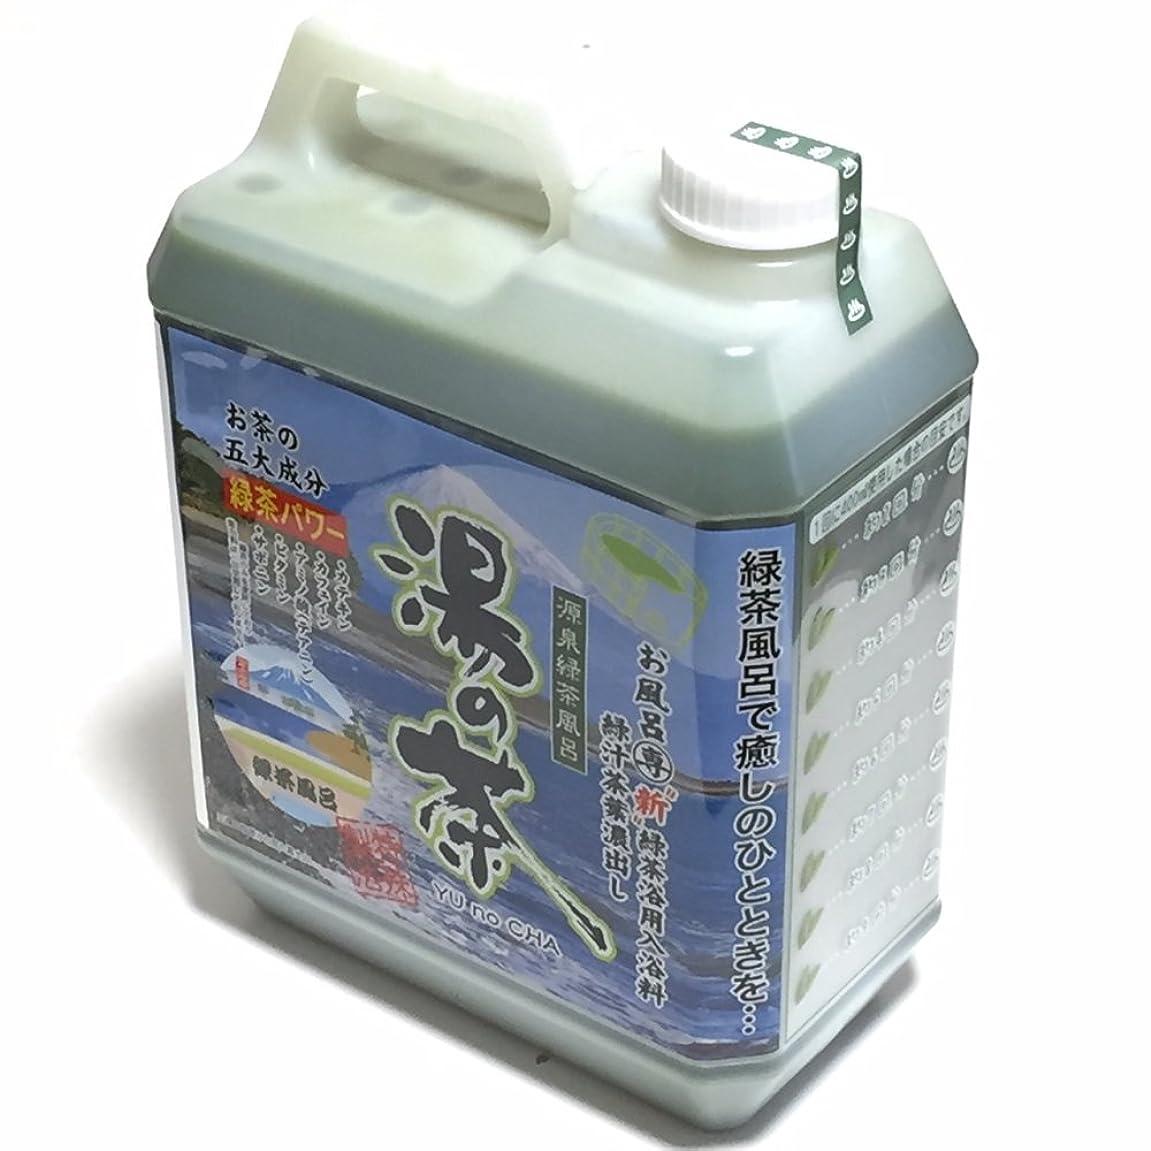 鳥代理人に向かって緑茶のお風呂に入ろう??静岡茶葉100% 高濃度カテキン 緑茶入浴化粧品 湯の茶 大容量4リットル